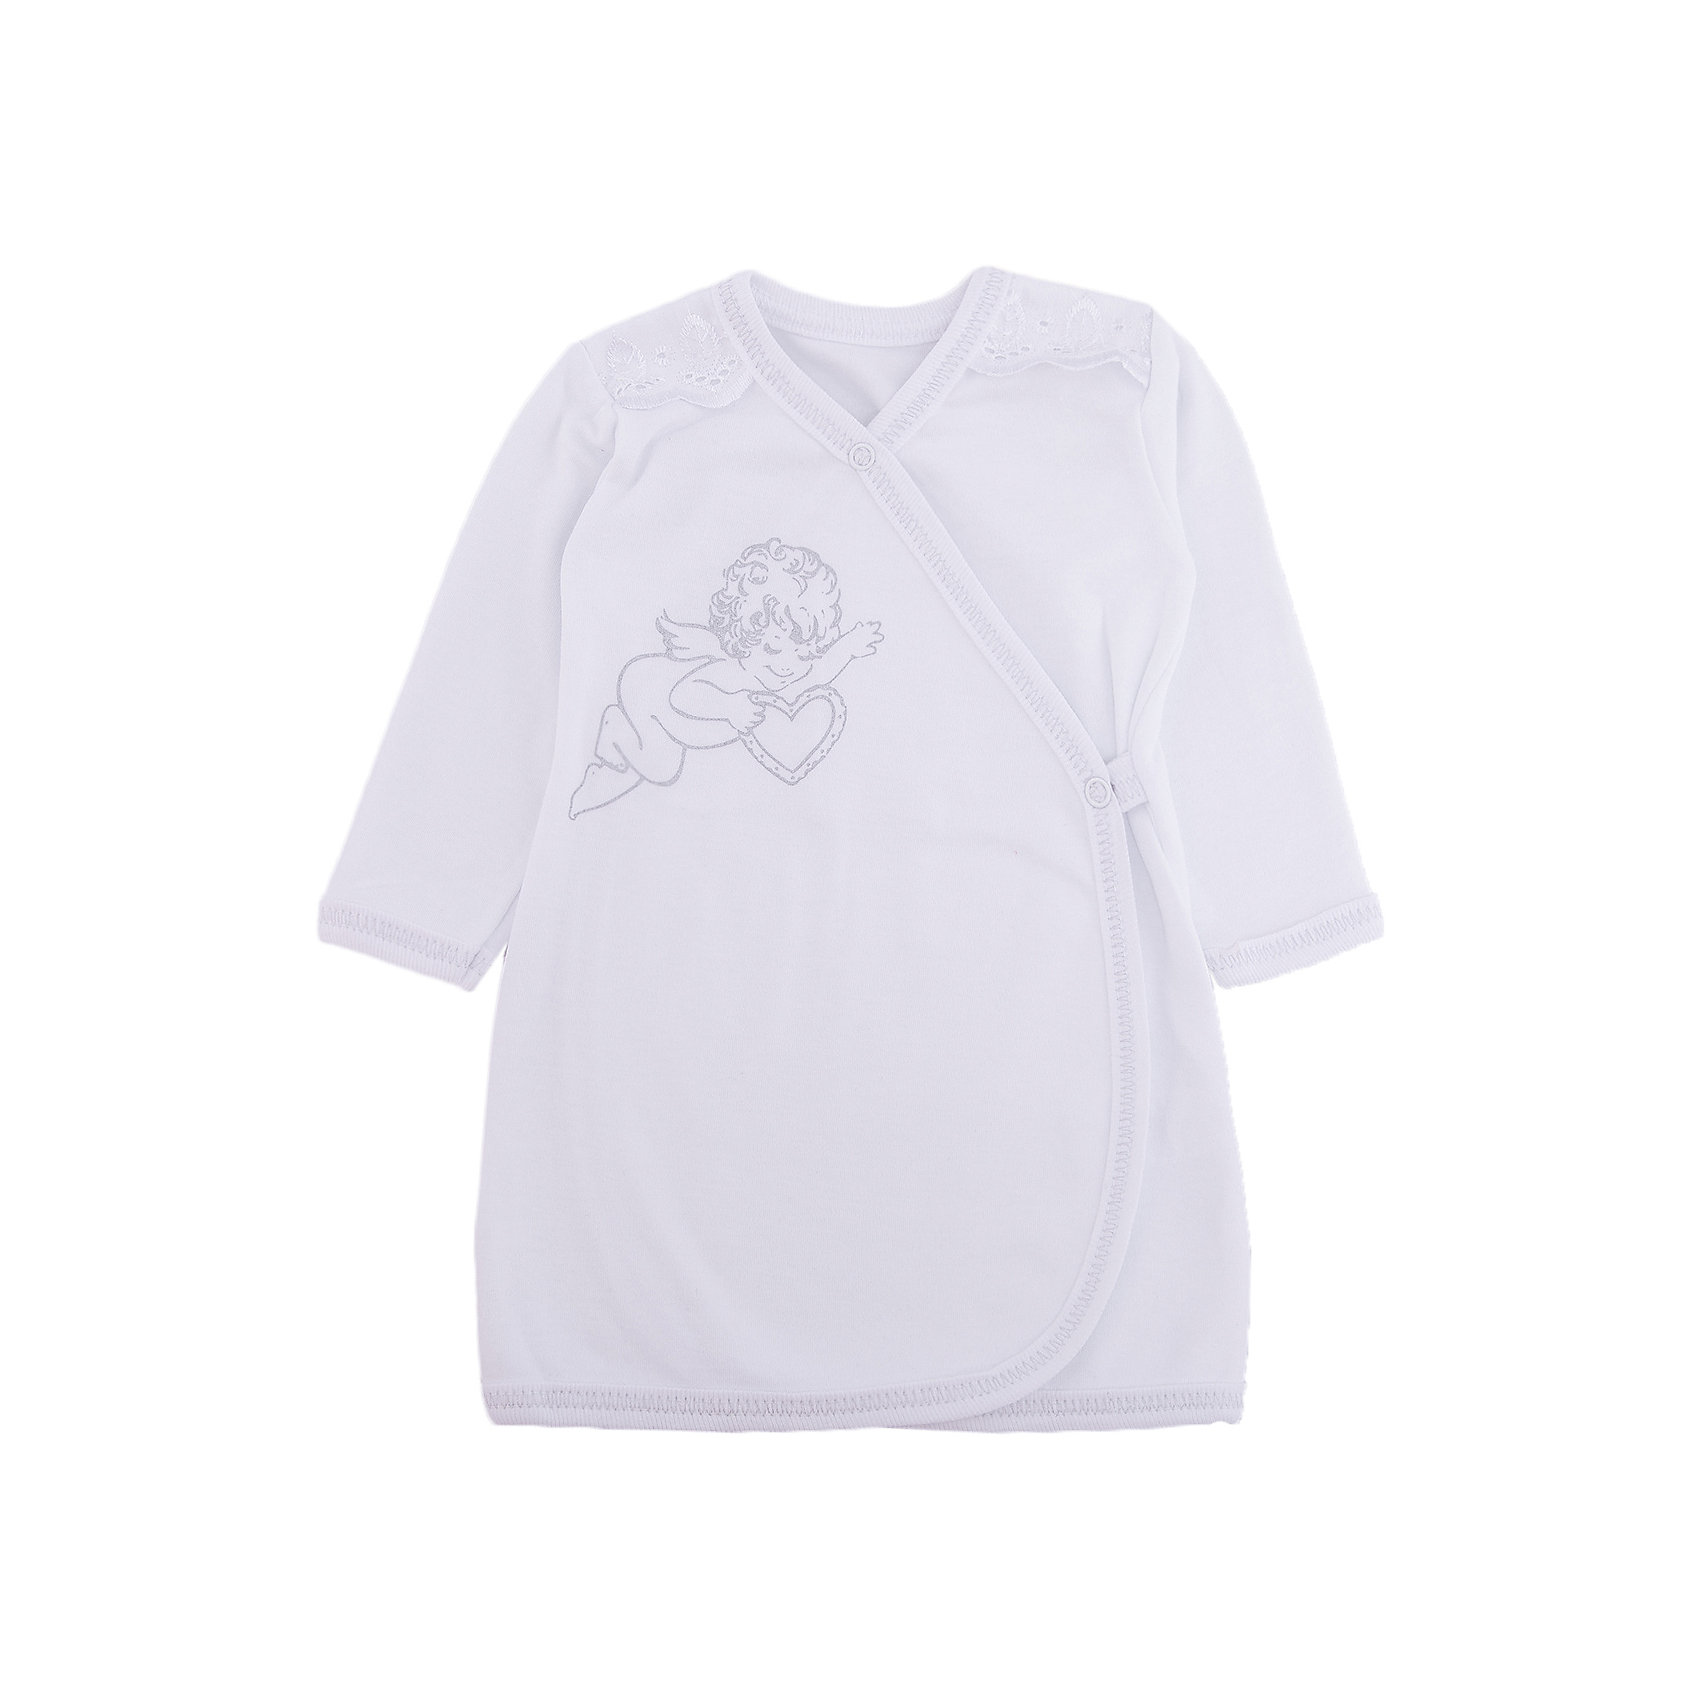 Крестильная рубашка с шитьем, р-р 62,  NewBorn, белыйПлатья<br>Характеристики:<br><br>• Вид детской одежды: рубашка с запахом<br>• Предназначение: для крещения<br>• Коллекция: NewBorn<br>• Сезон: круглый год<br>• Пол: для мальчика<br>• Тематика рисунка: ангелы<br>• Размер: 62<br>• Цвет: белый<br>• Материал: трикотаж, хлопок<br>• Длина рукава: длинные<br>• Запах: спереди<br>• Застежка: спереди на кнопке<br>• Декорирована широкой тесьмой из шитья <br>• Передняя полочка украшена термонаклейкой в виде ангела<br>• Особенности ухода: допускается деликатная стирка без использования красящих и отбеливающих средств<br><br>Крестильная рубашка с шитьем, р-р 62, NewBorn, белый из коллекции NewBorn от отечественного швейного производства ТексПром предназначена для создания праздничного образа мальчика во время торжественного обряда крещения. Коллекция NewBorn сочетает в себе классические и современные тенденции в мире моды для новорожденных, при этом сохраняются самые лучшие традиции при технологии изготовления детской одежды: свободный крой, внешние швы и натуральные ткани.  Рубашка с длинными рукавами выполнена из трикотажа, все края которой обработаны трикотажной бейкой. Изделие имеет передний запах с застежкой на кнопке, что обеспечивает его легкое одевание. Праздничный образ создается за счет отделки из широкого шитья на плечиках и термонаклейки на передней полочке в виде ангела. <br><br>Крестильную рубашку с шитьем, р-р 62, NewBorn, белый можно купить в нашем интернет-магазине.<br><br>Ширина мм: 220<br>Глубина мм: 5<br>Высота мм: 400<br>Вес г: 200<br>Возраст от месяцев: 0<br>Возраст до месяцев: 3<br>Пол: Мужской<br>Возраст: Детский<br>SKU: 4912524